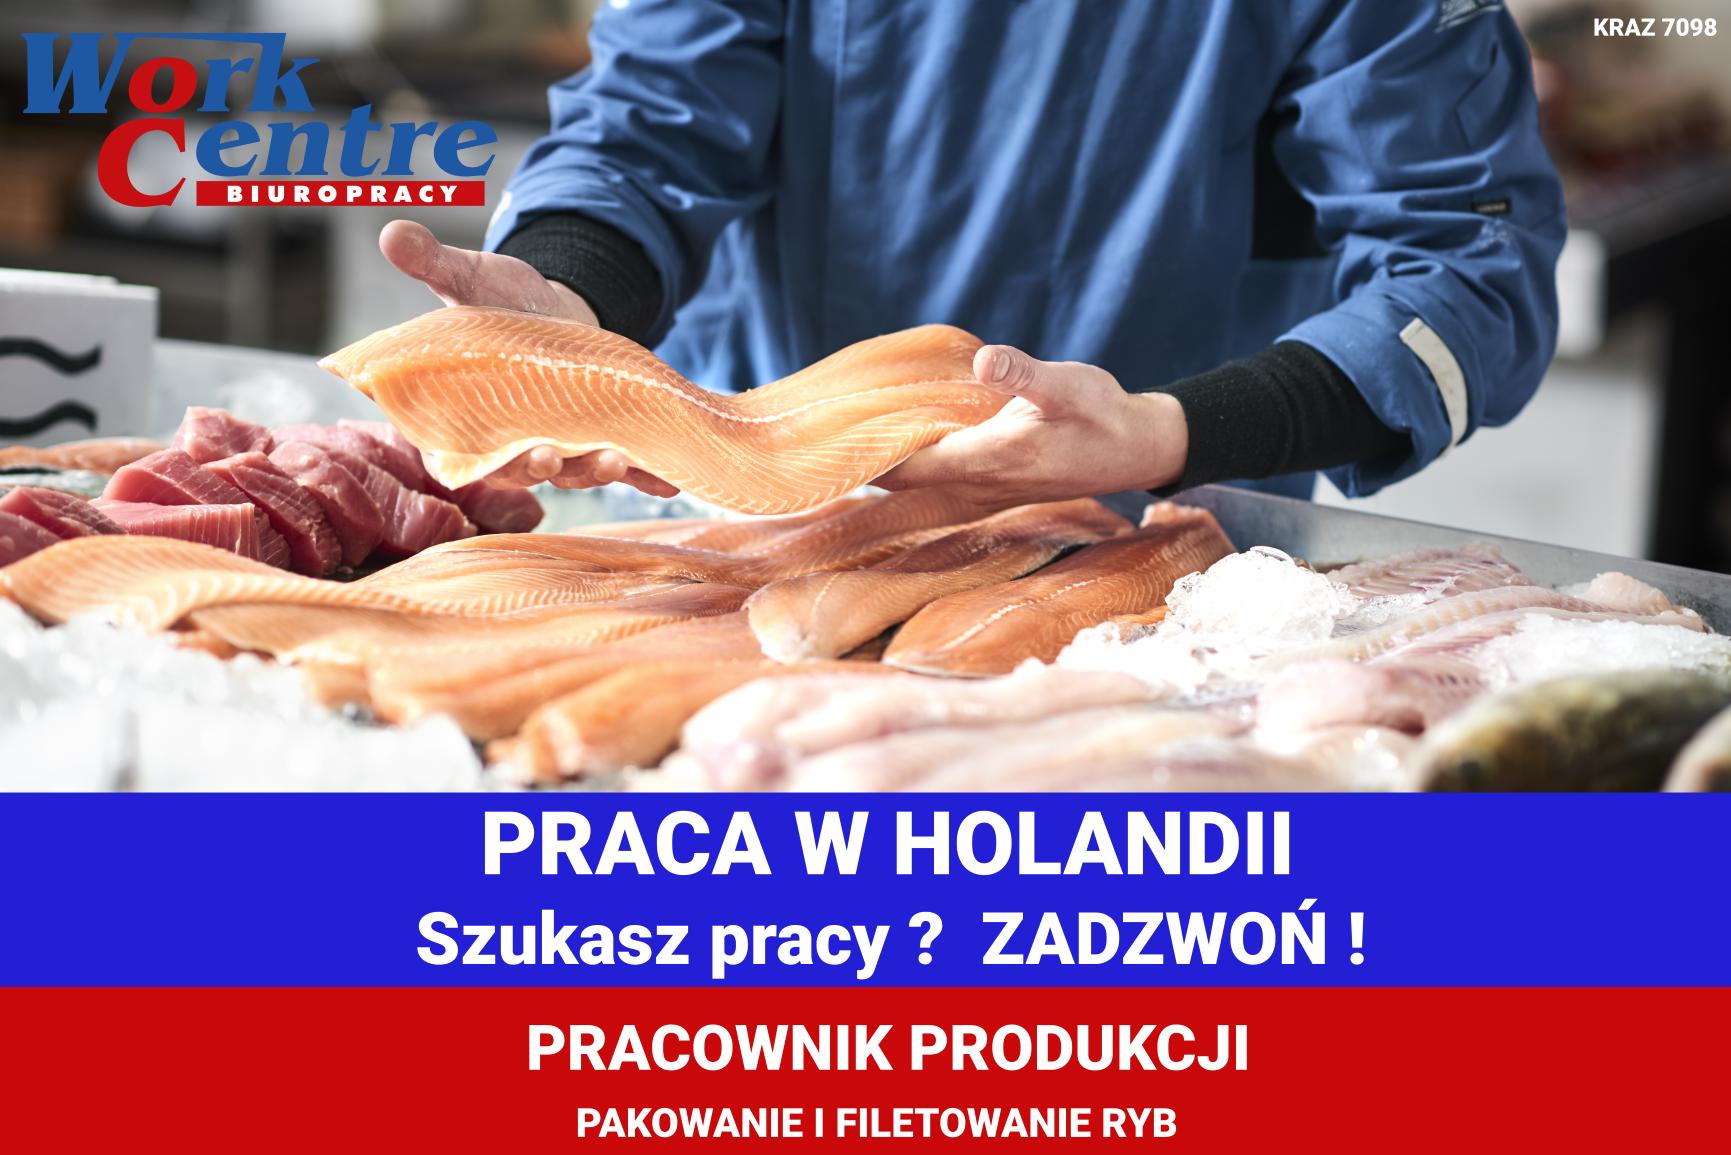 Pakowanie i filetowanie ryb